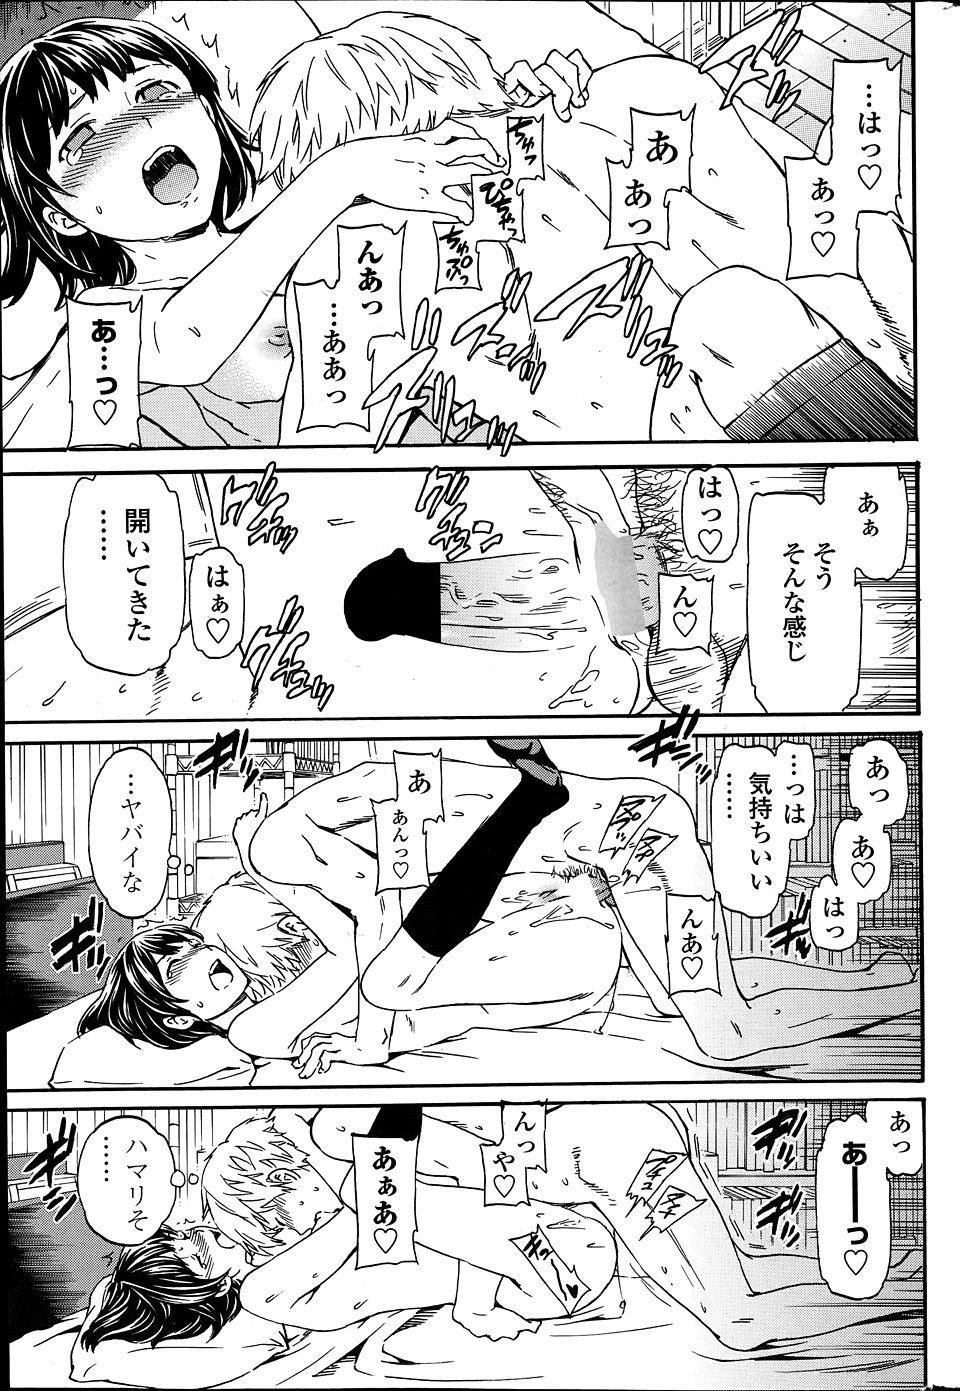 【エロ漫画・同人誌】妹の友達に間違えてブックカバーを入れ替えたエロ本を貸してしまったが、それをきっかけにセフレにできたwww 015